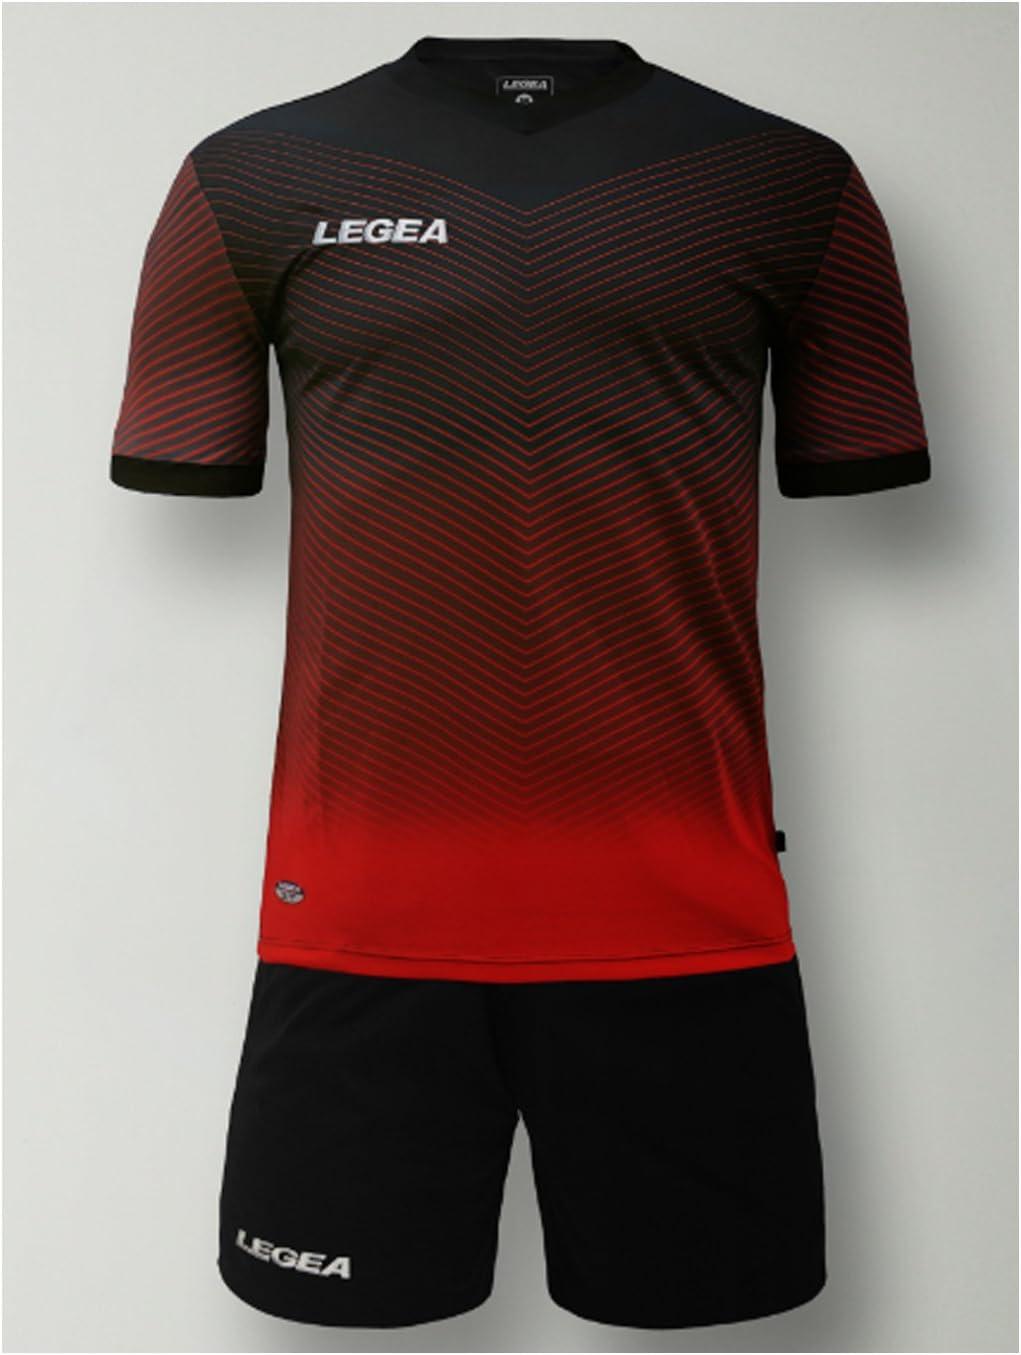 LEGEA Kit Bilbao Futbolín completo camiseta y pantalón deportivo Torneo, negro-rojo, S: Amazon.es: Deportes y aire libre